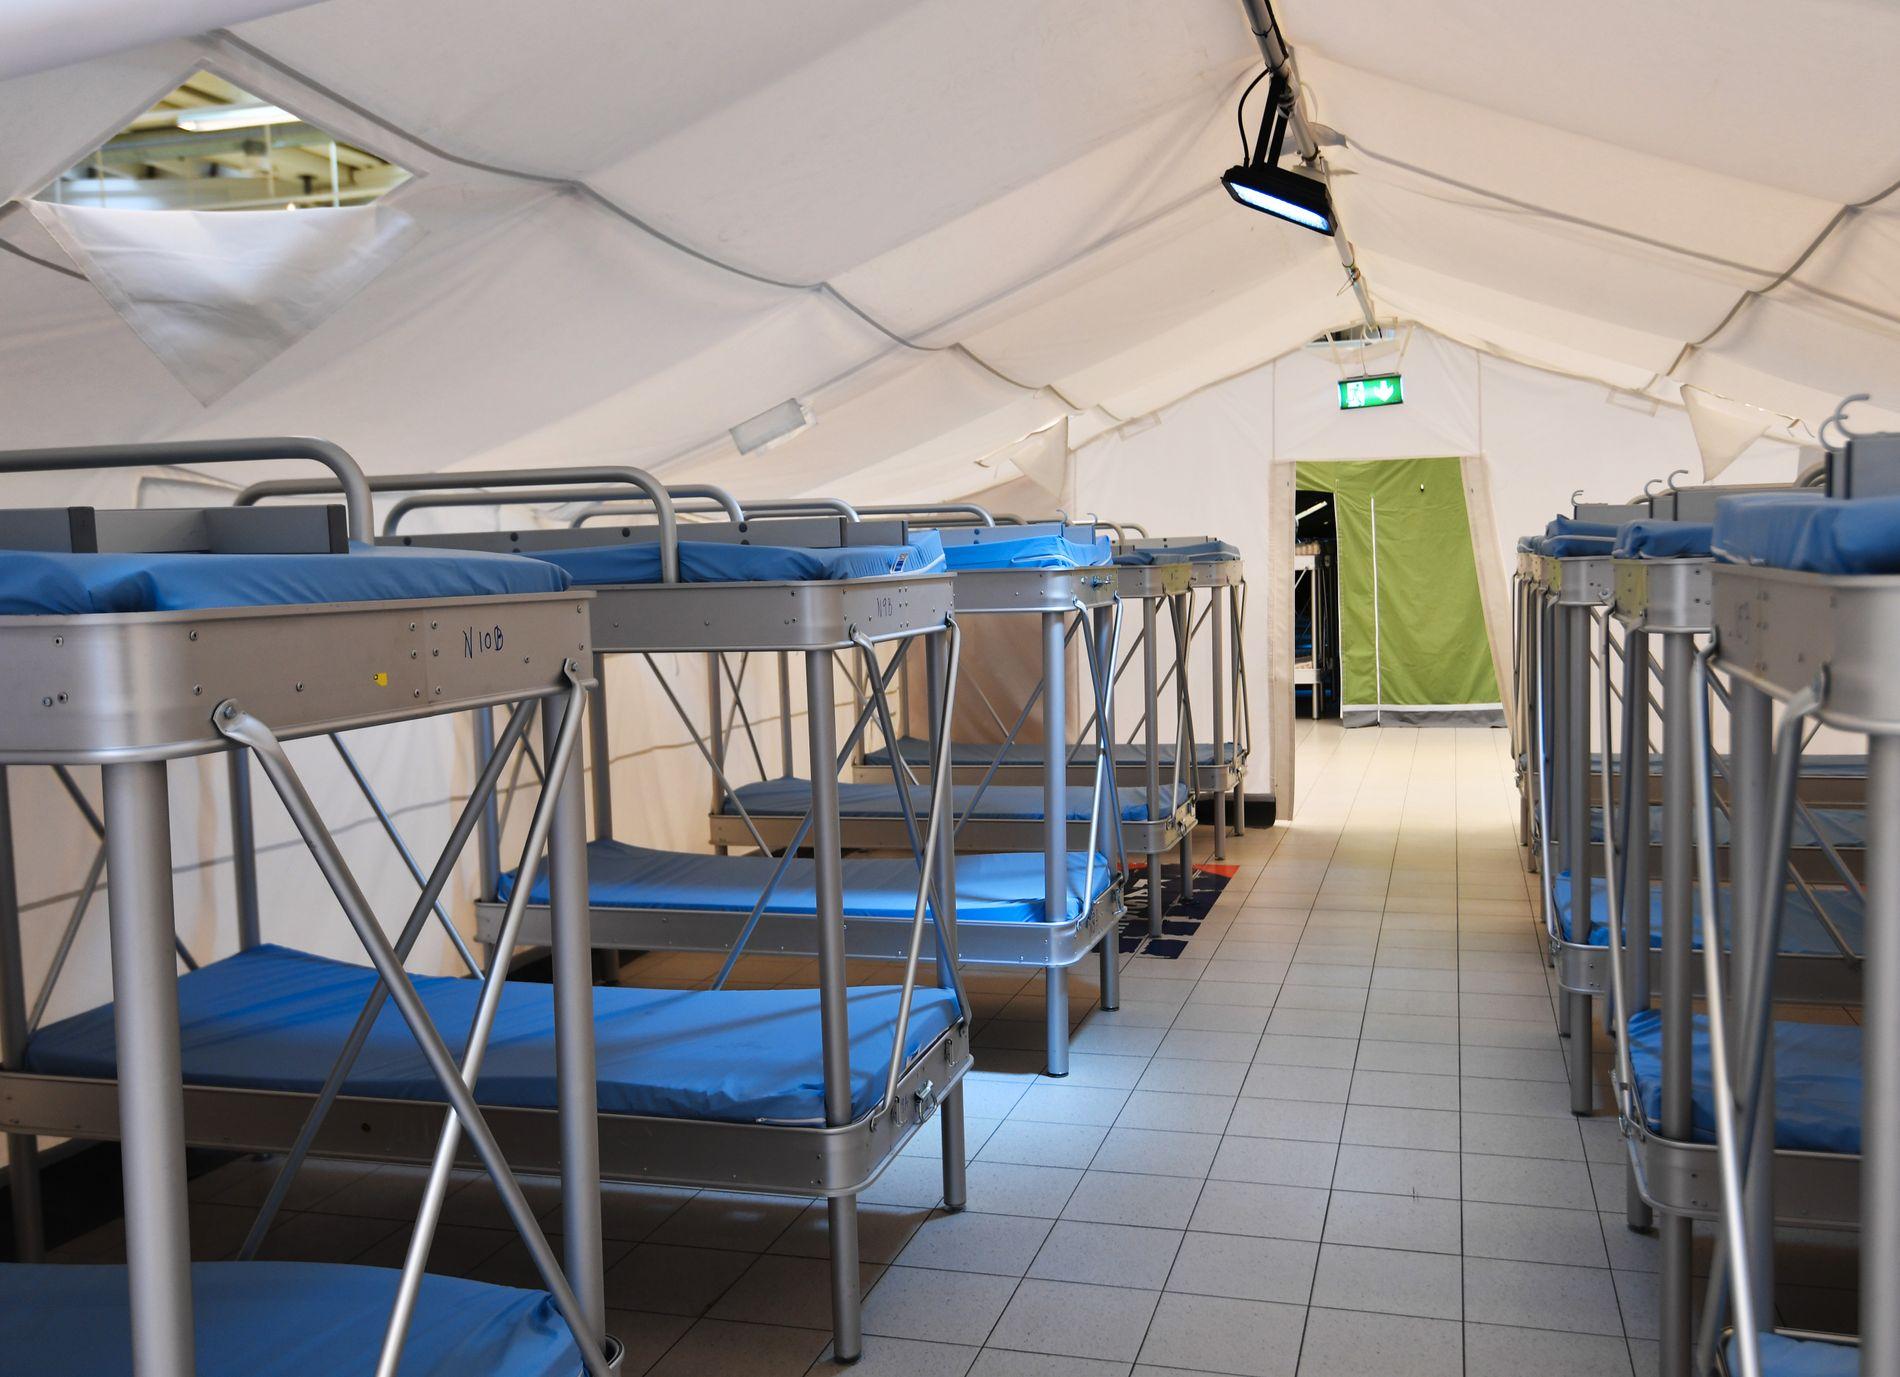 Det bygges ny matsal, toaletter og rom for helsekontroll i Råde. Men som bildet viser – det eneste de mangler er asylsøkere.